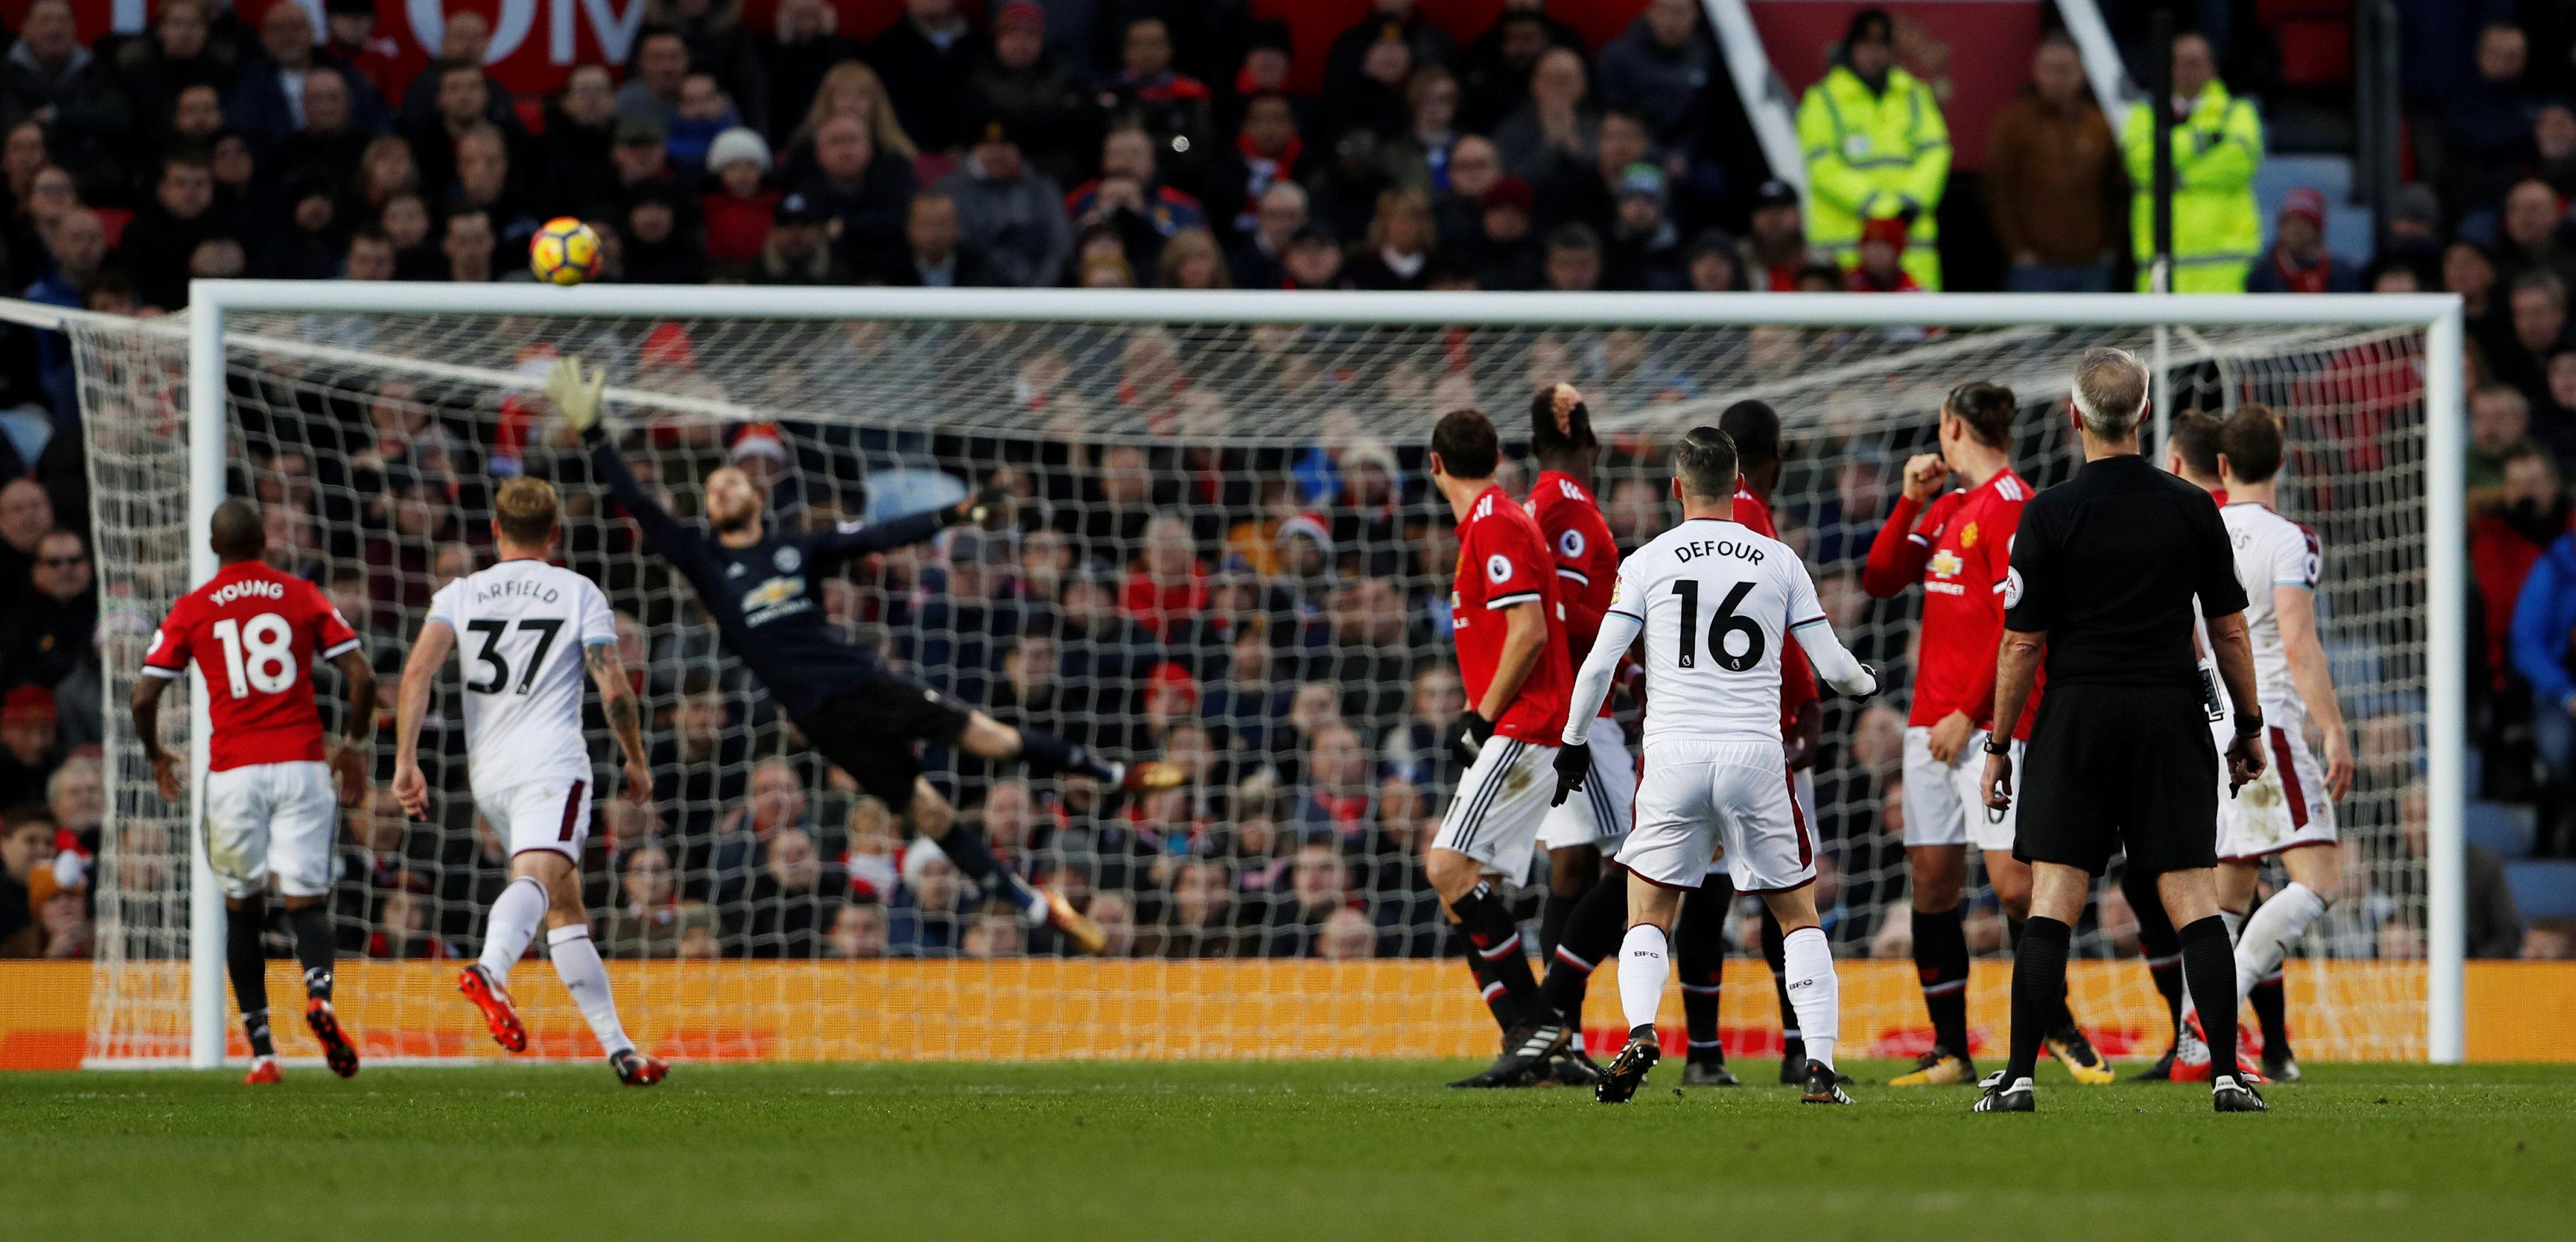 Pha sút phạt nâng tỉ số lên 2-0 cho Burnley của Defour. Ảnh: REUTERS